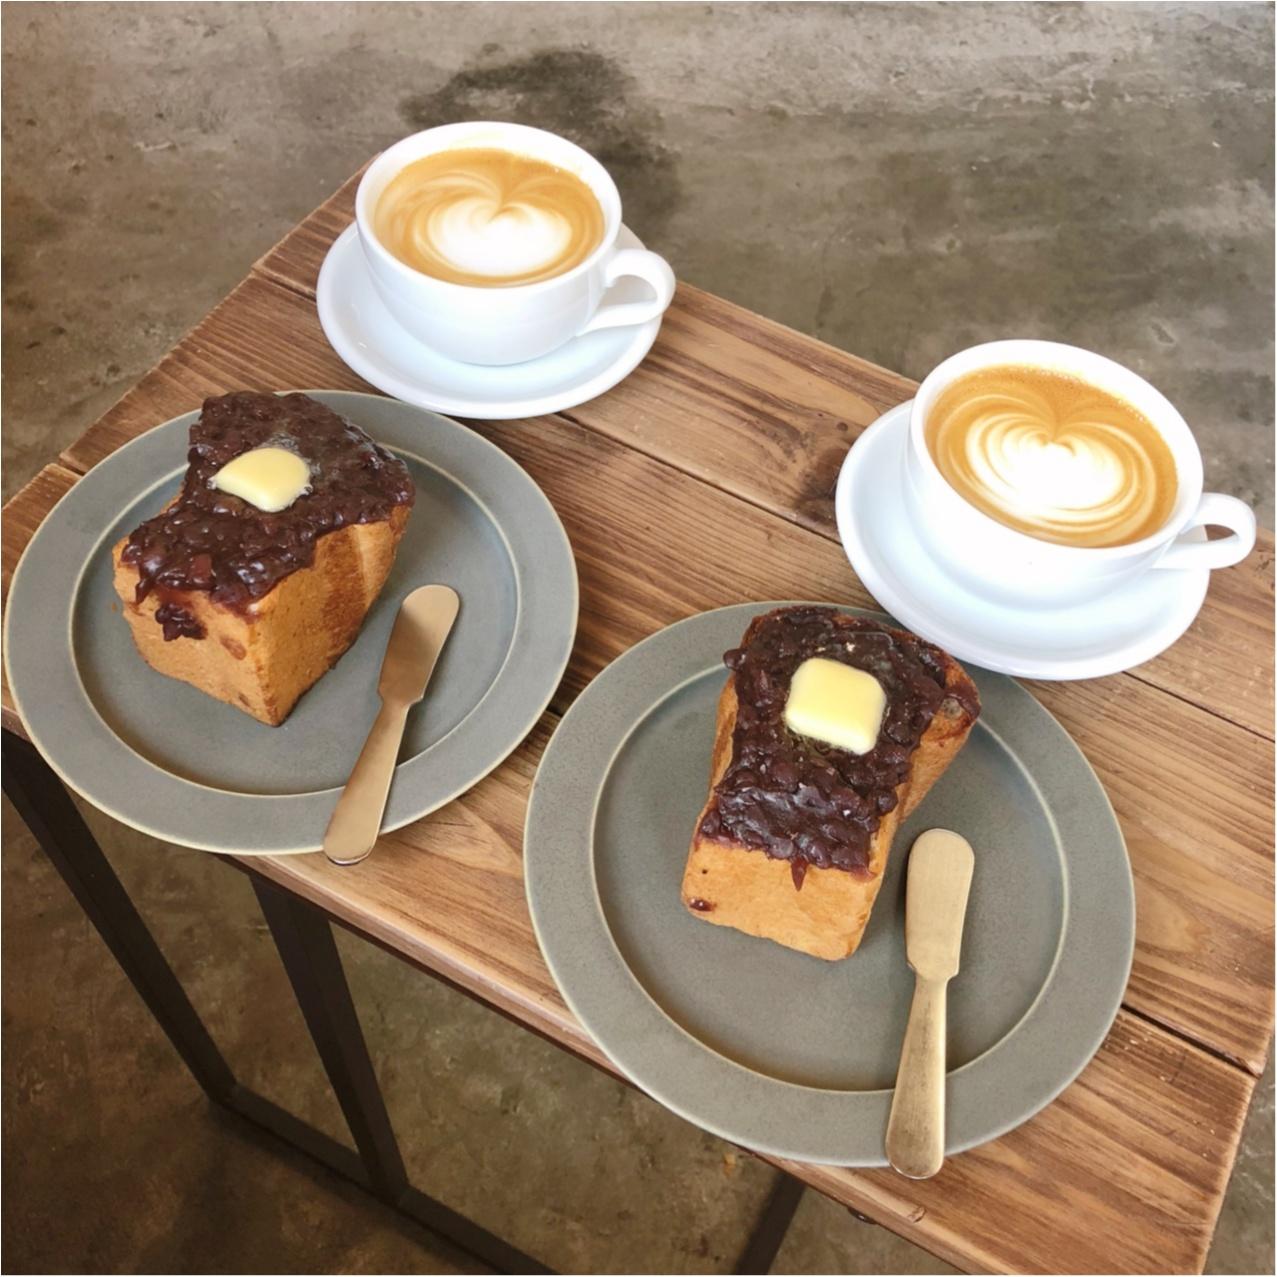 福岡で見つけたおしゃれカフェ♡  たっぷりのあんバタートーストとコーヒーが絶品なんです♡_6